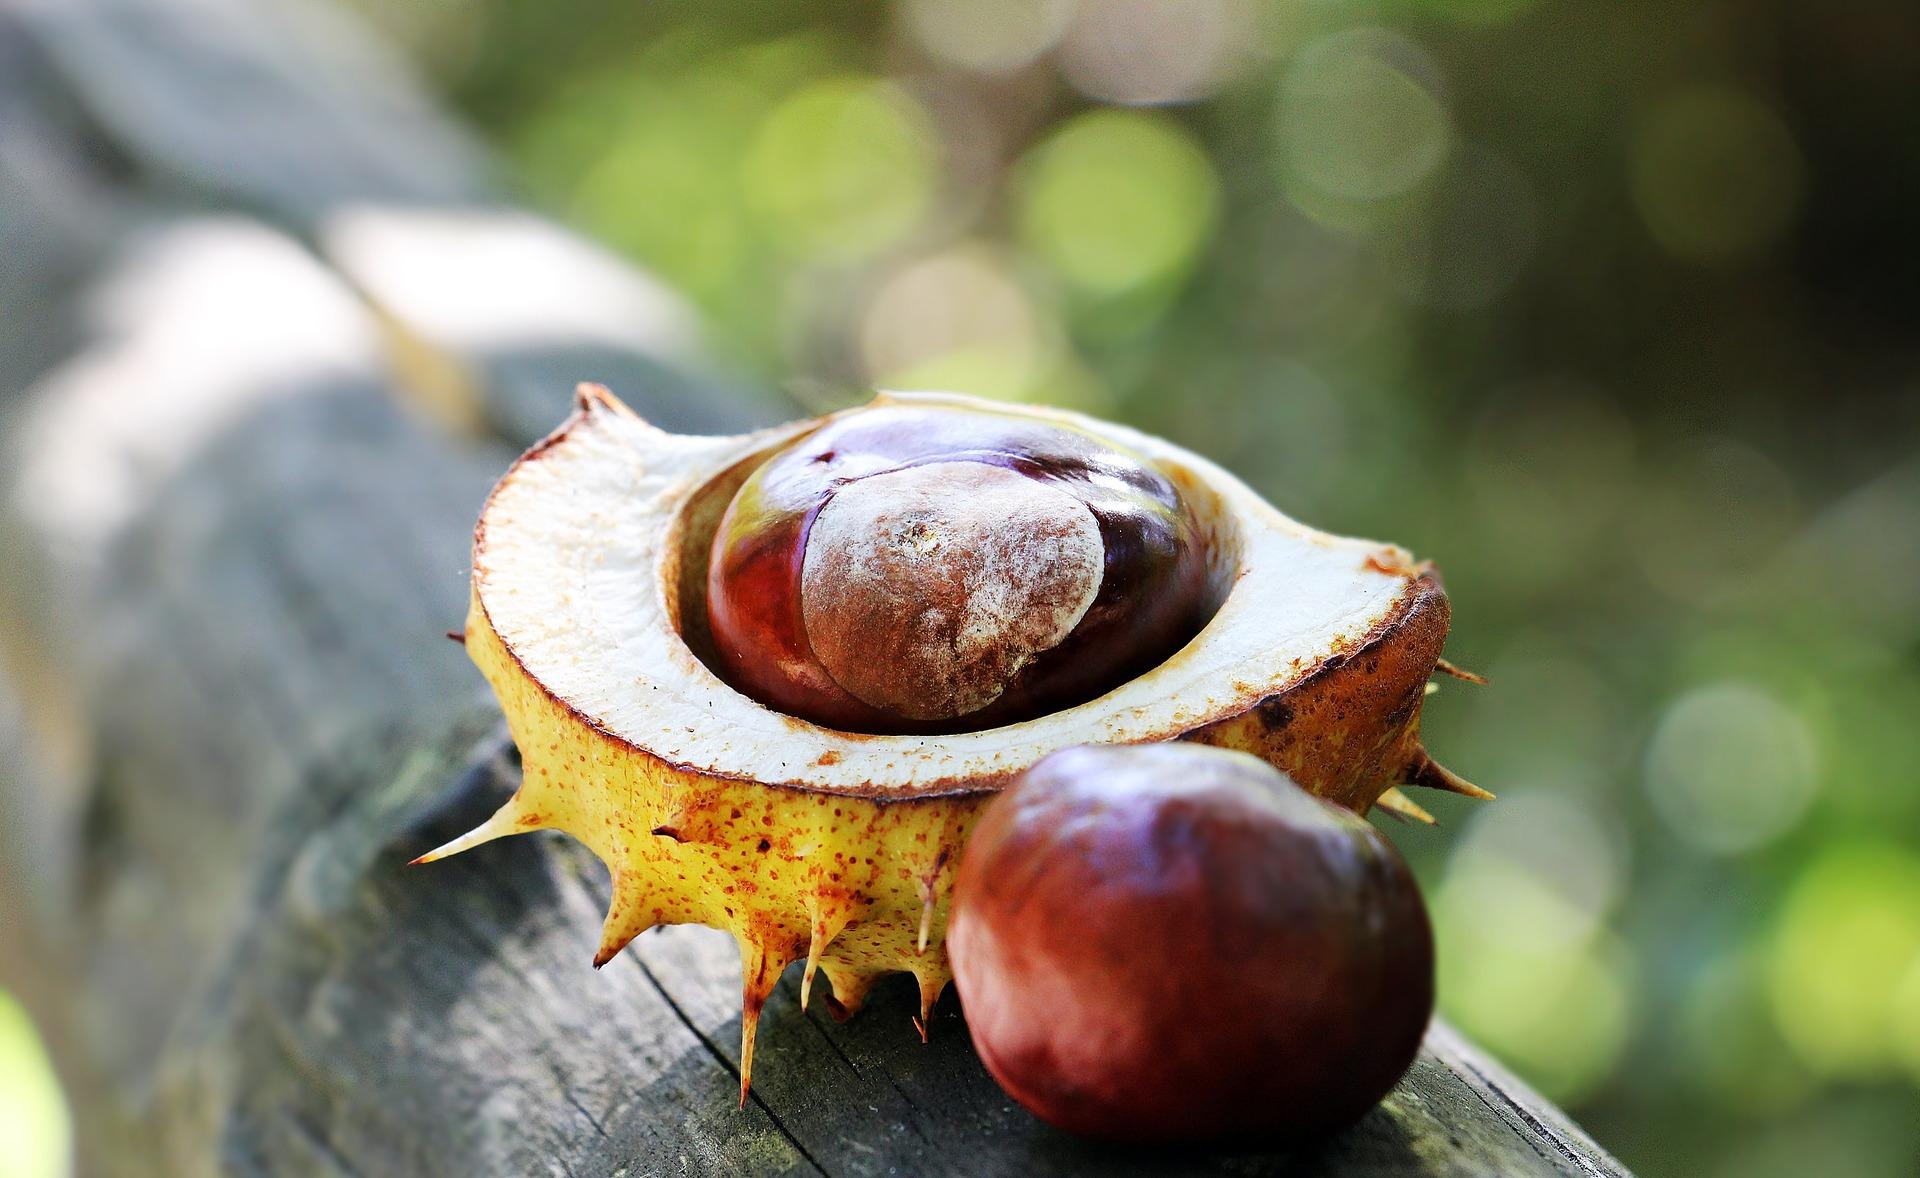 chestnut 1698741 1920 1